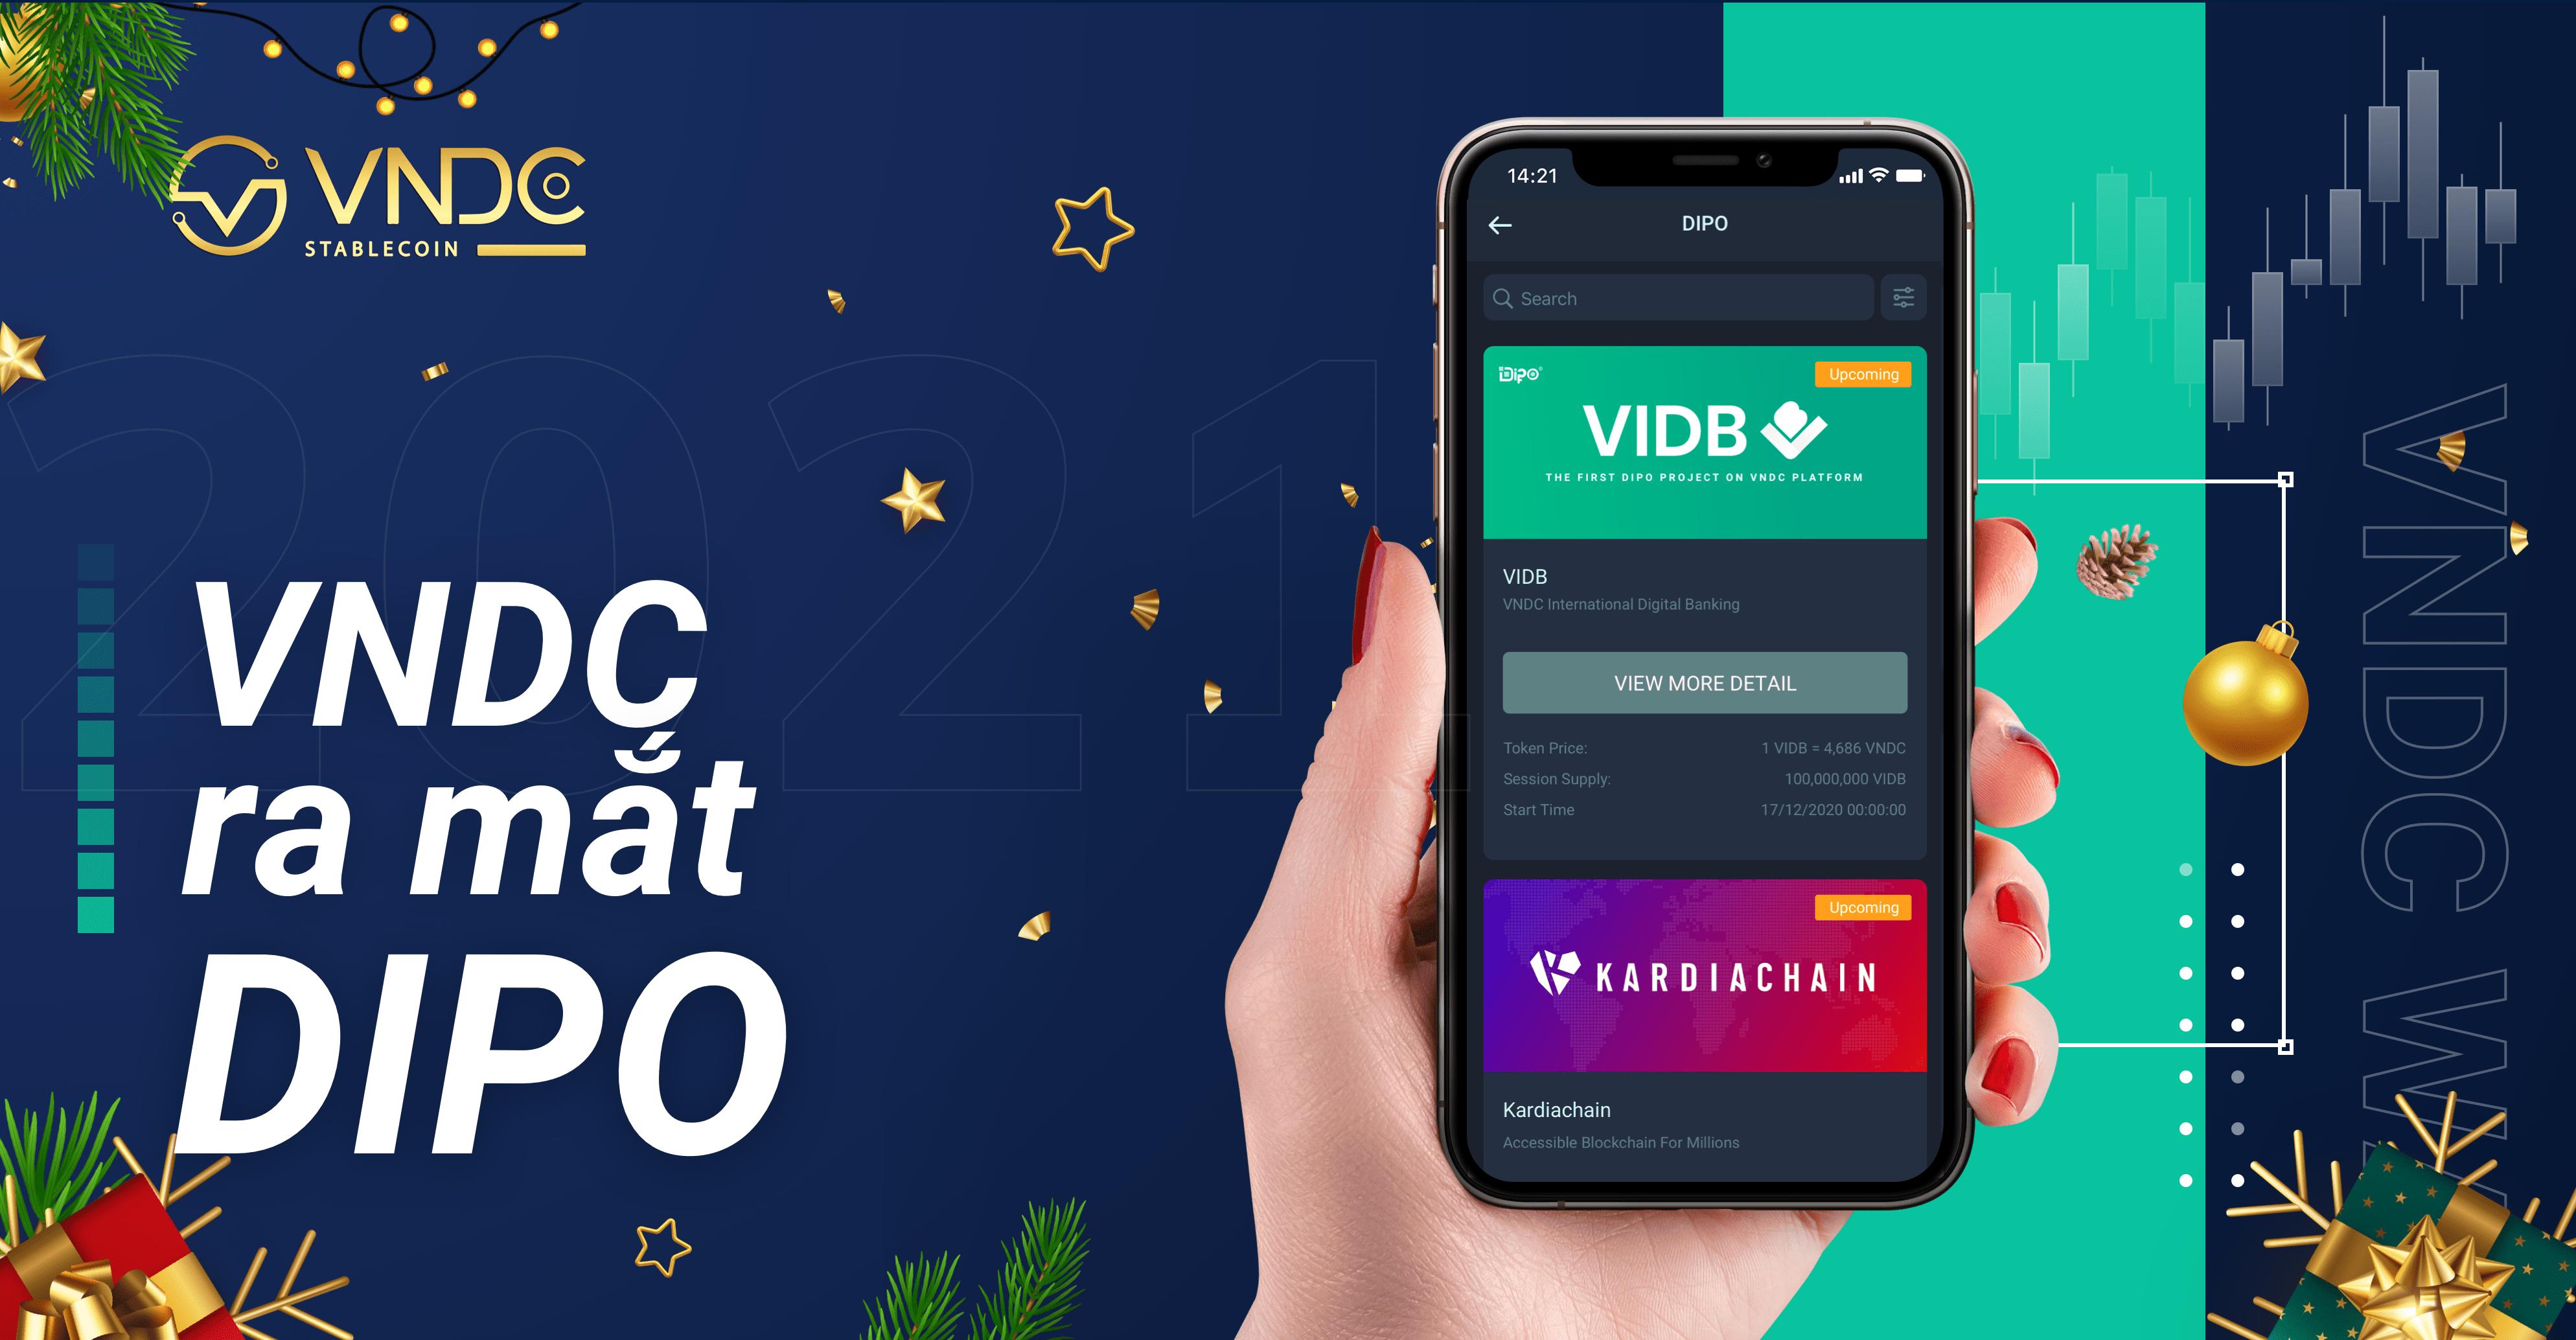 VNDC ra mắt ứng dụng DIPO, hỗ trợ các dự án mới